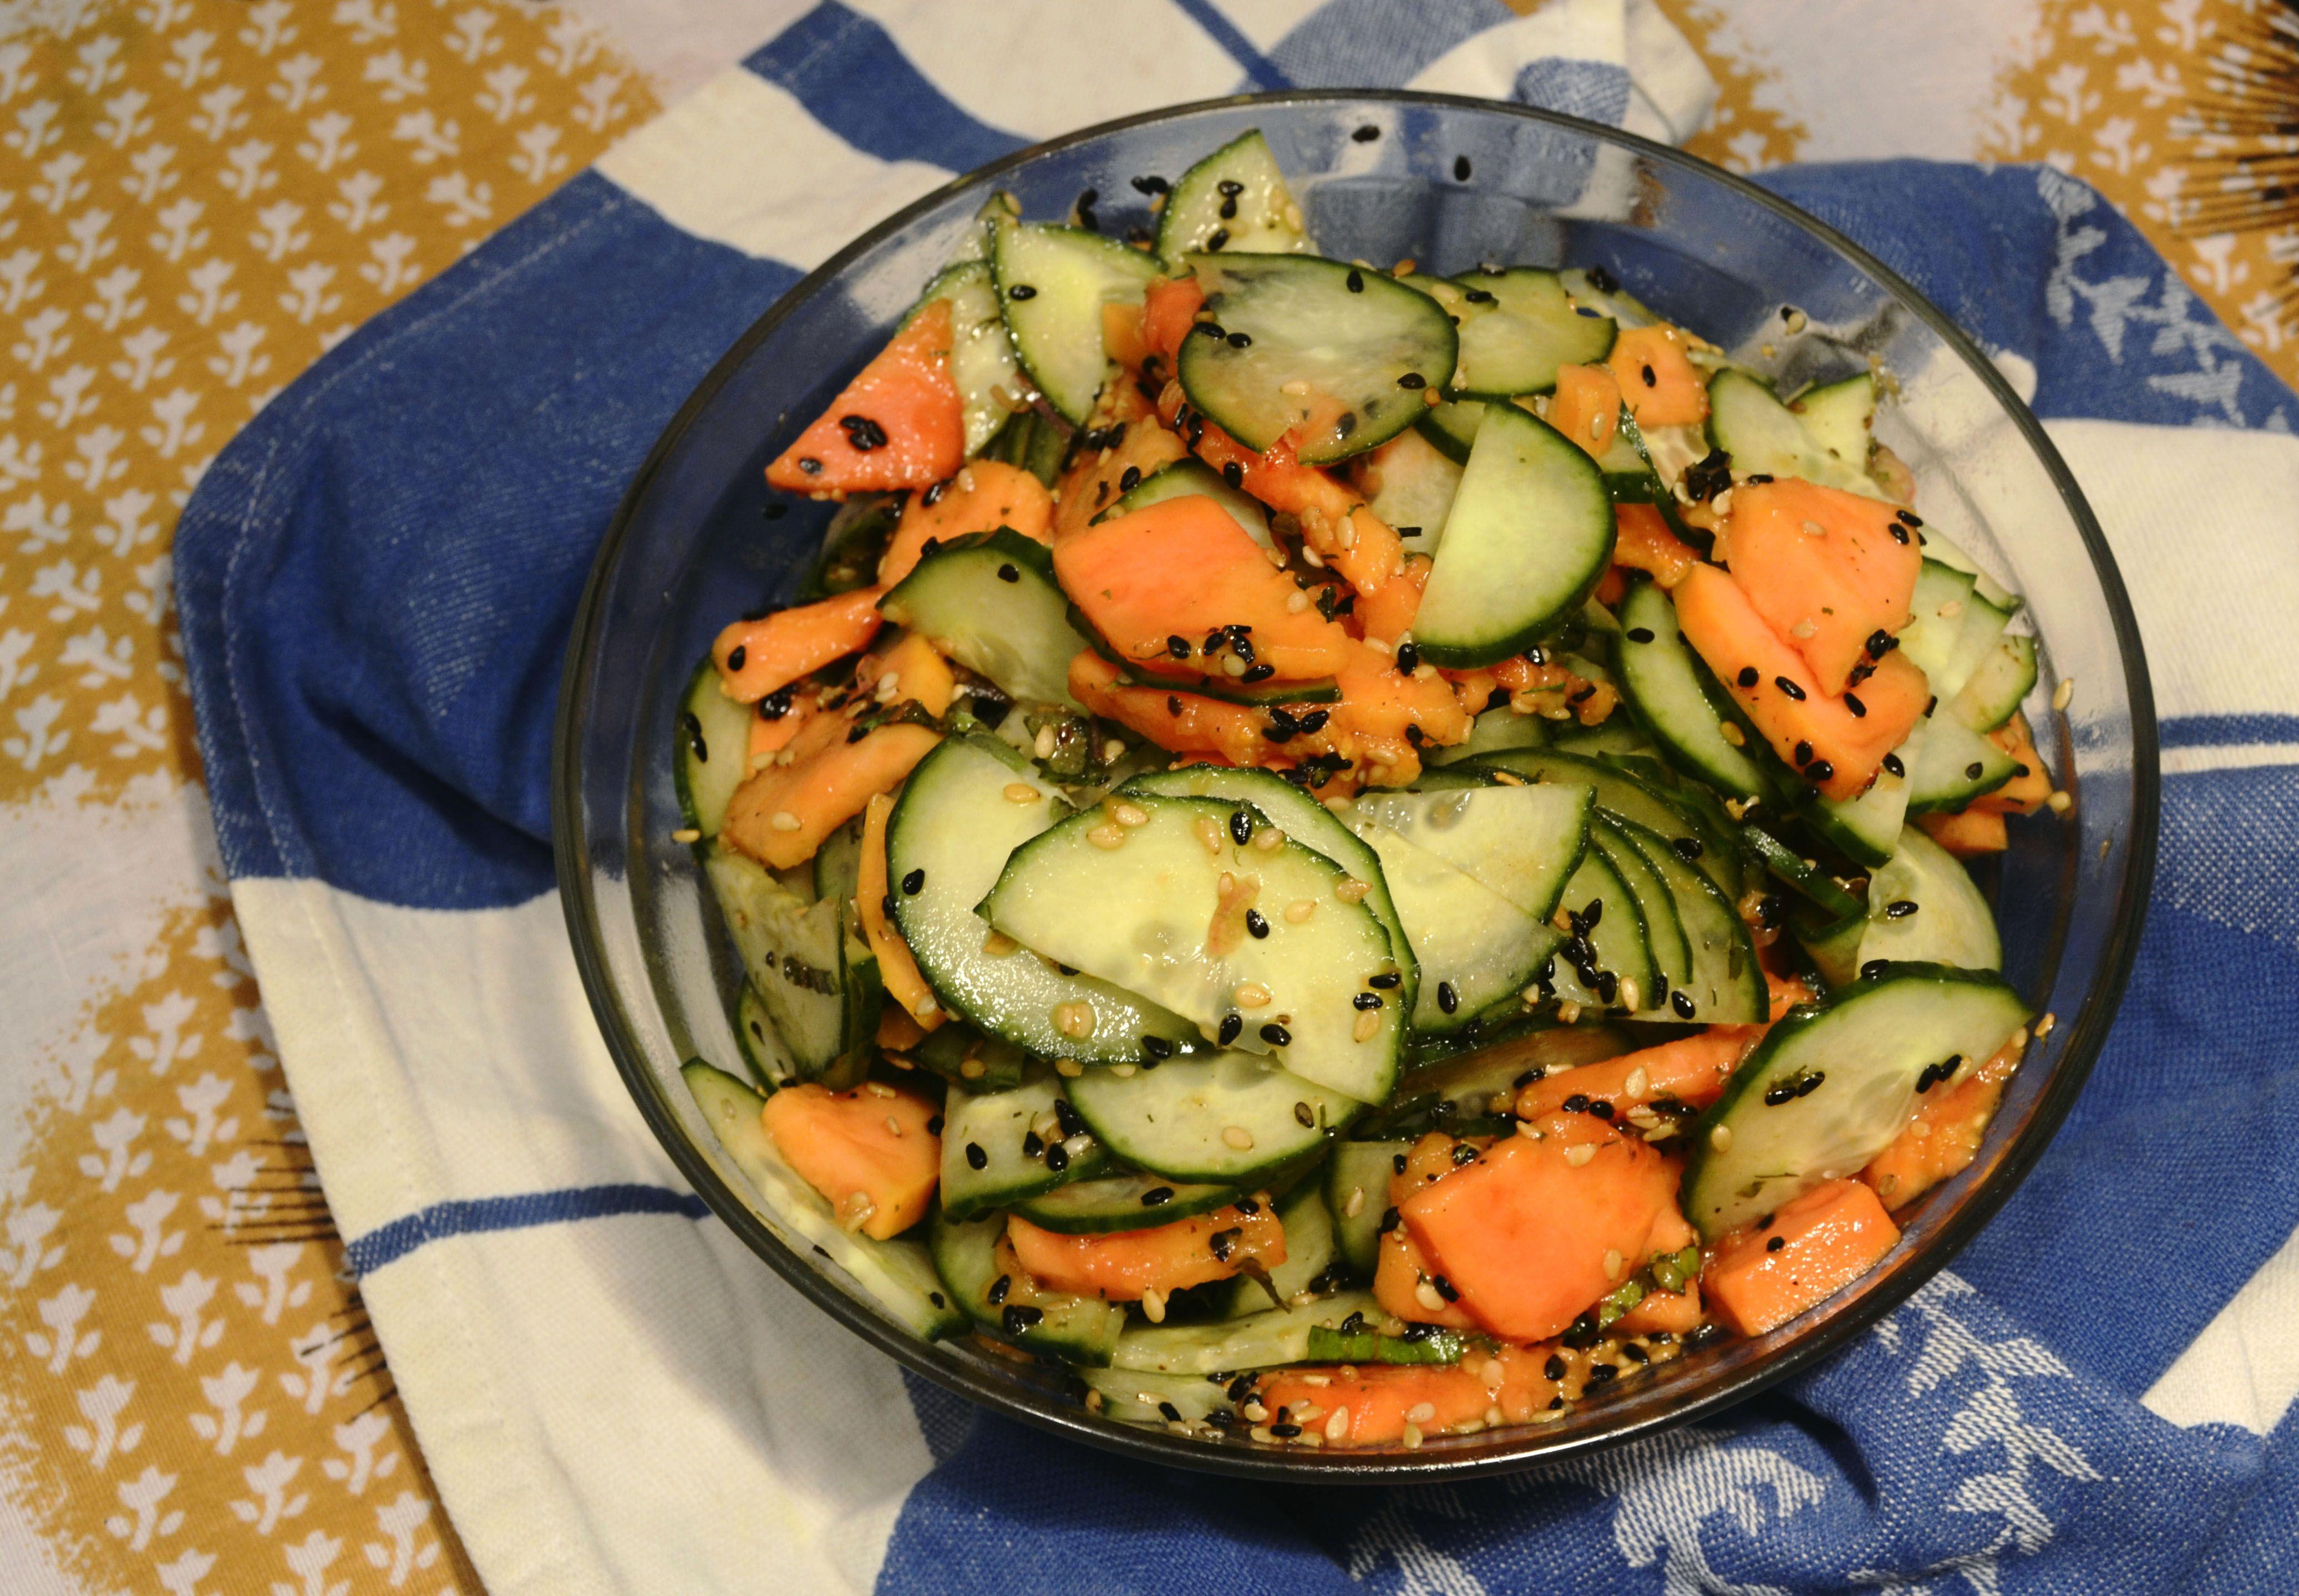 Gurken Papaya Salat mit Schalotte und Sesam - Spicyslice